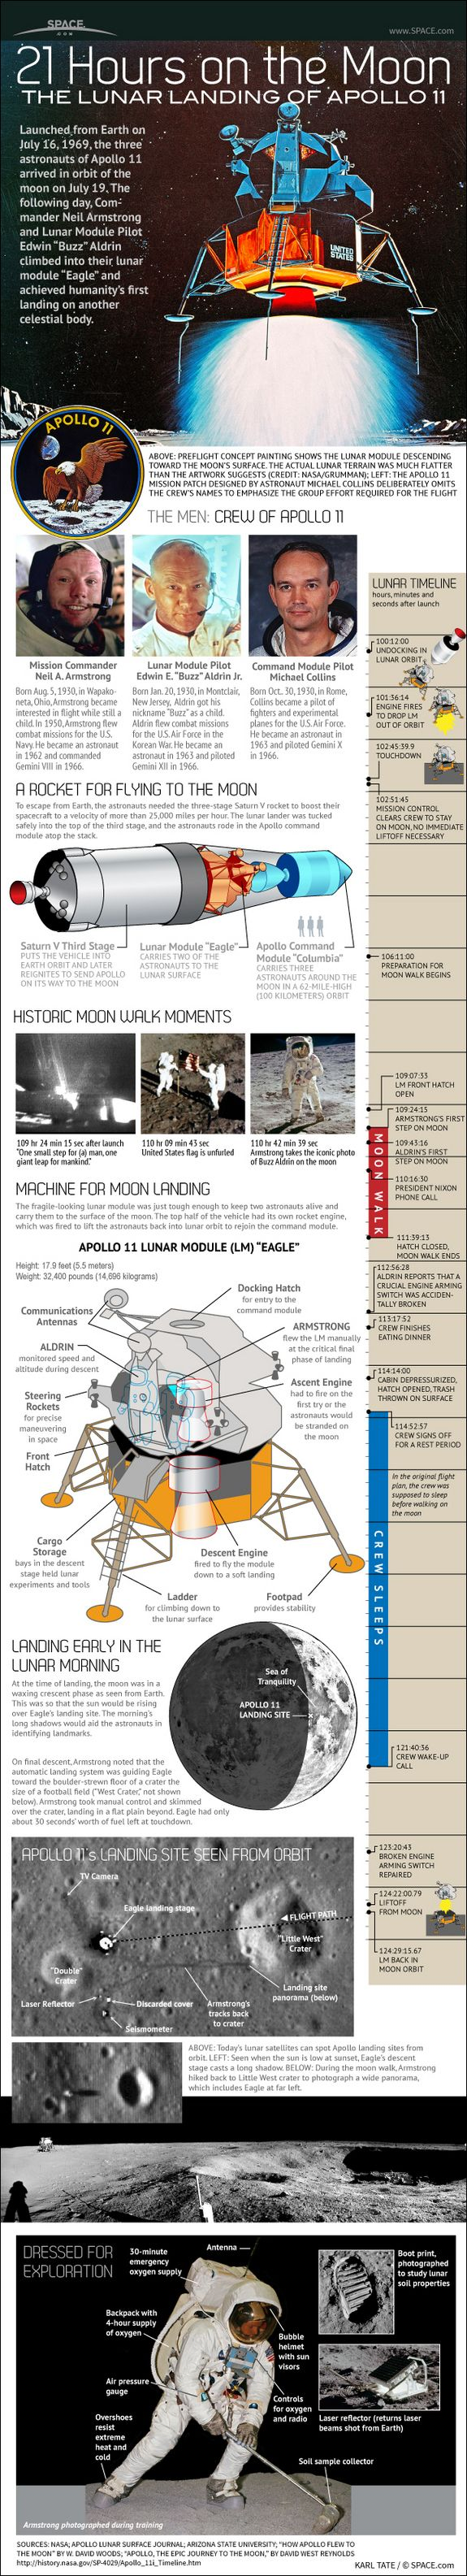 Cómo, el Apolo 11, aterrizó en la luna.